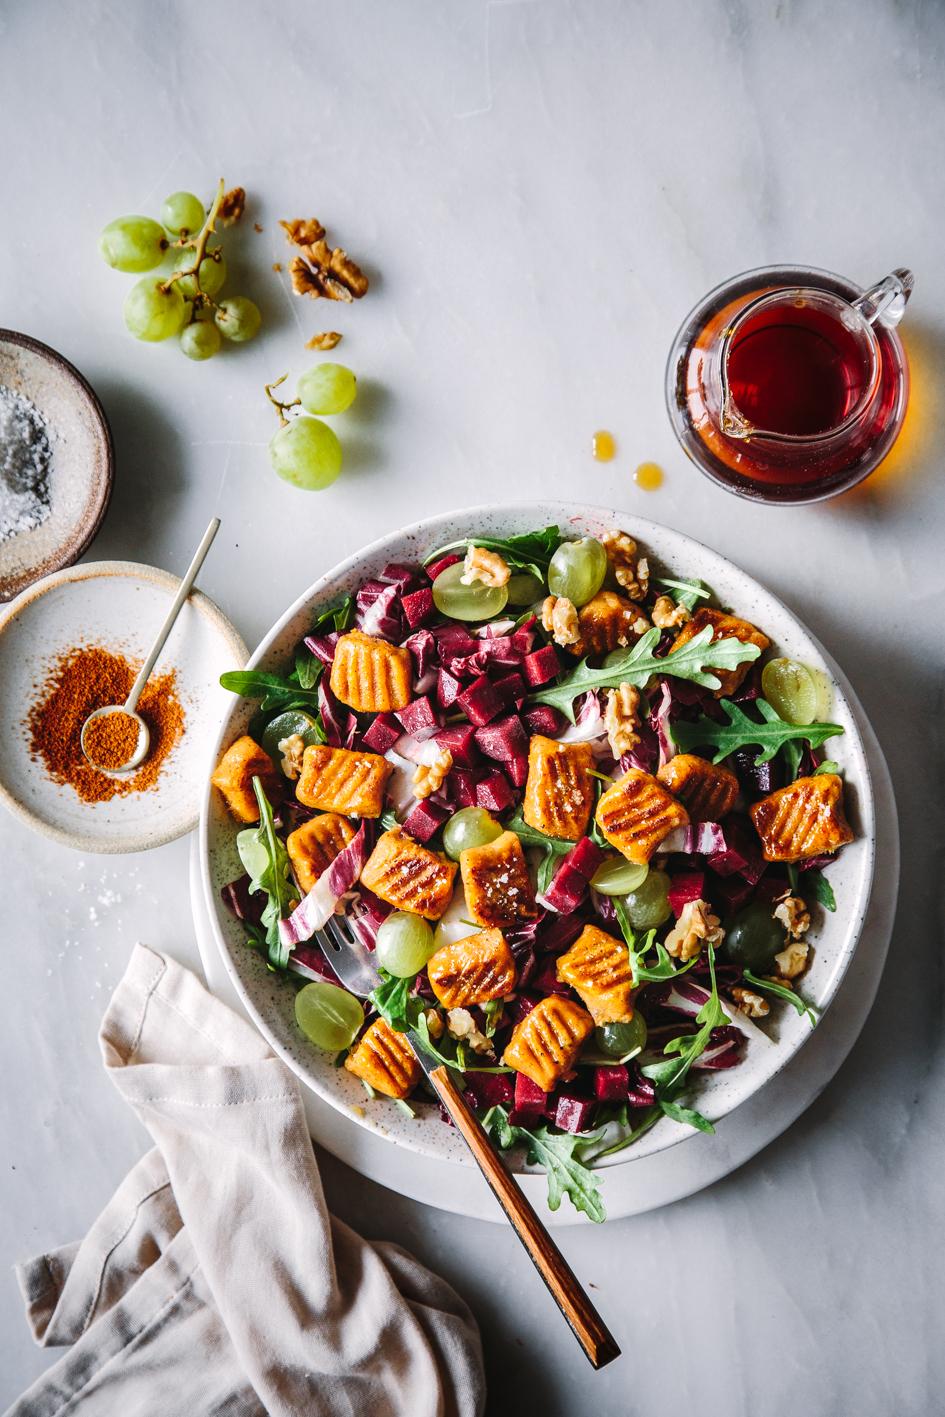 Süüßkartoffelgnocchi auf Salat mit Zutaten auf Marmortisch